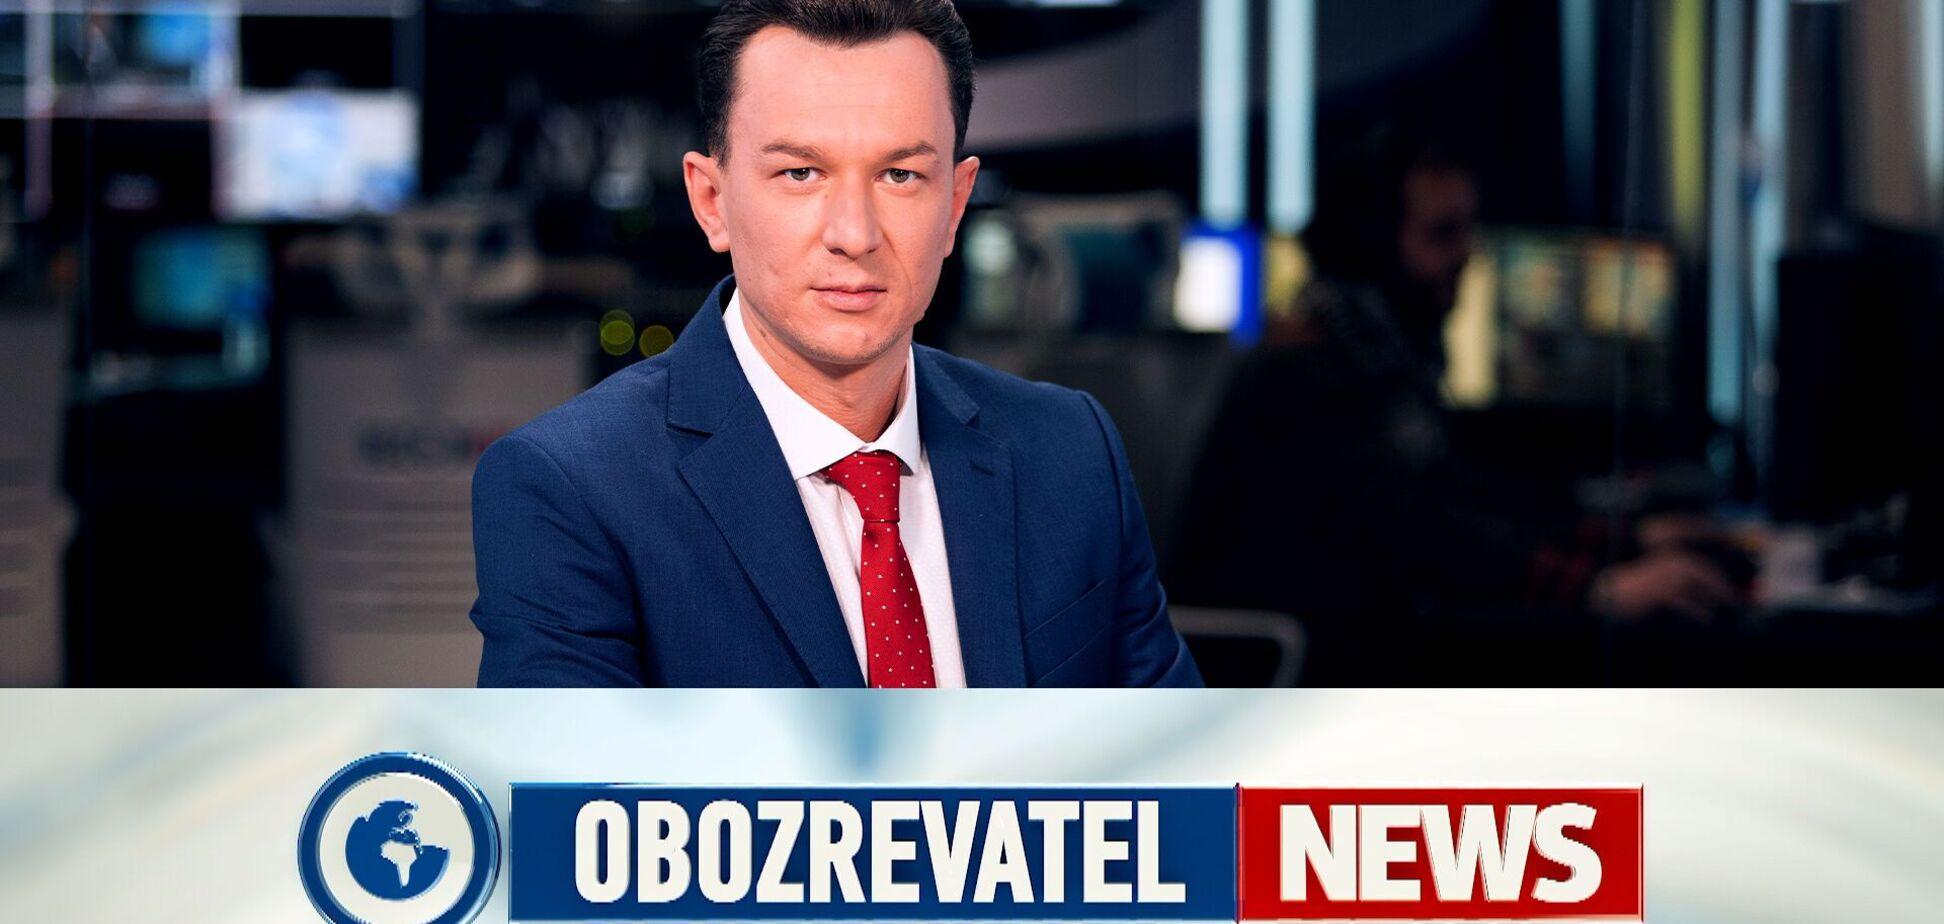 Трансплантация разрешена, мутировавший коронавирус свирепствует, запад Украины в 'красной' зоне – основные темы краткого обзора новостей от Вячеслава Буткалюка